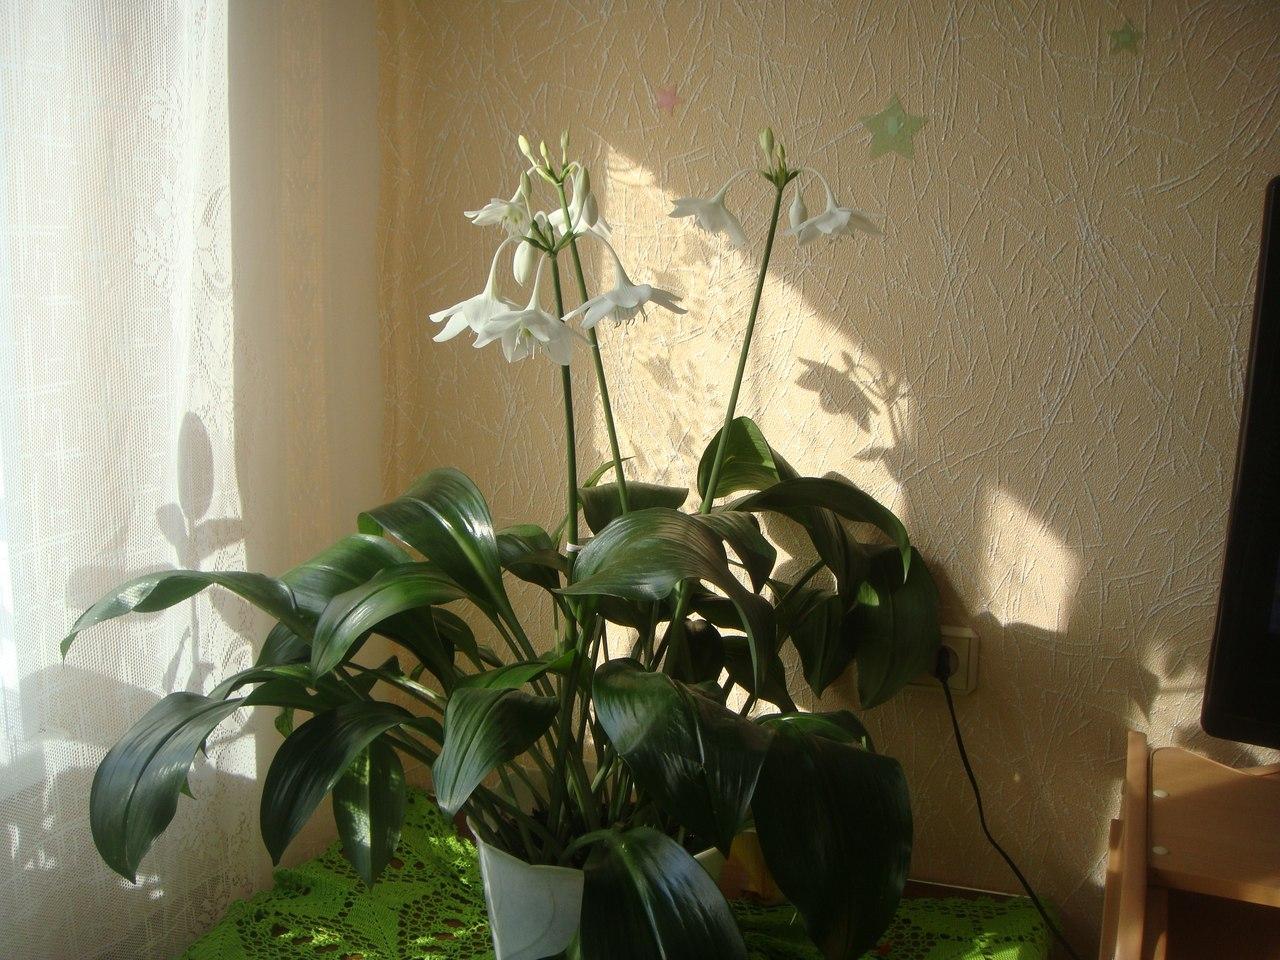 Комнатный цветок эухарис: фото, описание и уход в домашних 59